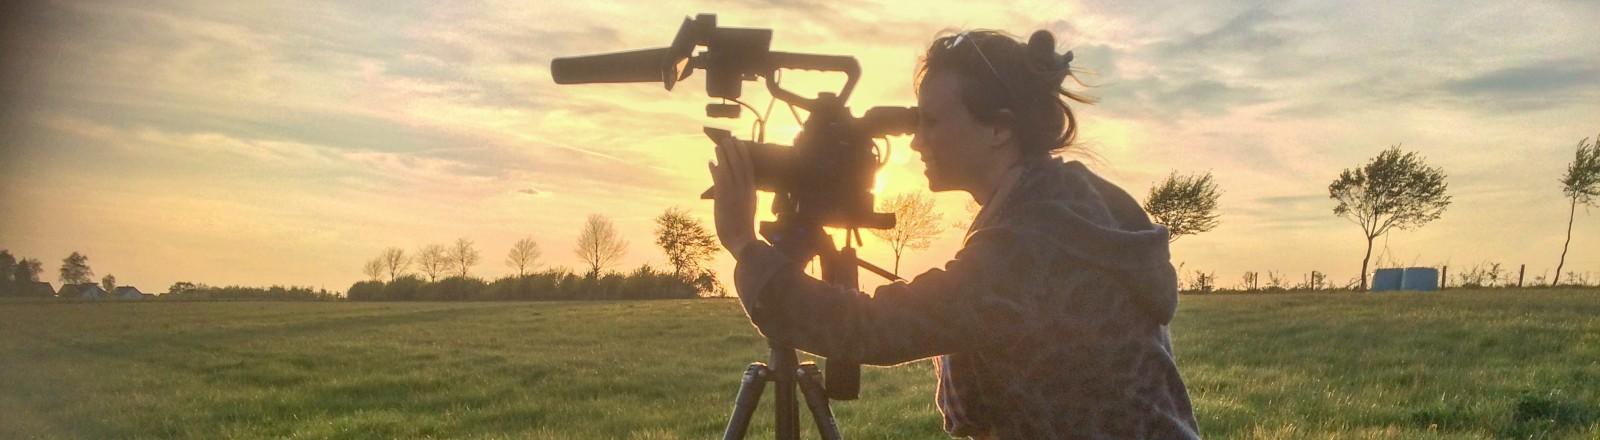 Die Regisseurin Elena Horn schaut durch ihre Kamera